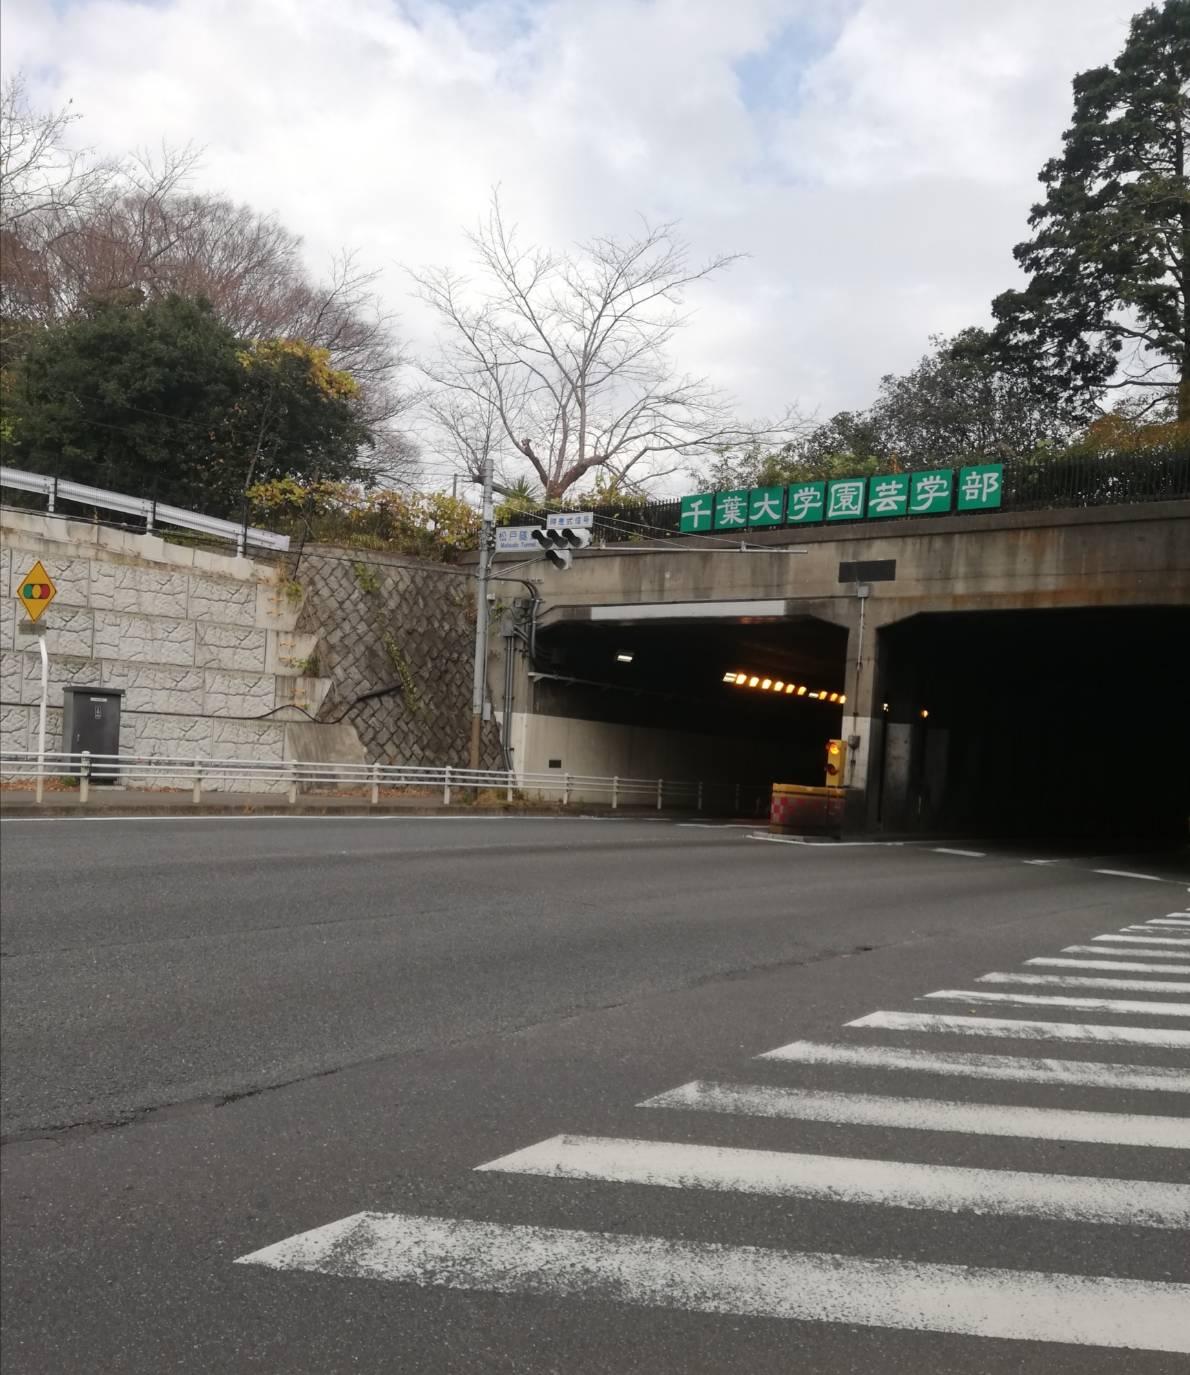 松戸隧道入口交通事故ひき逃げ追突